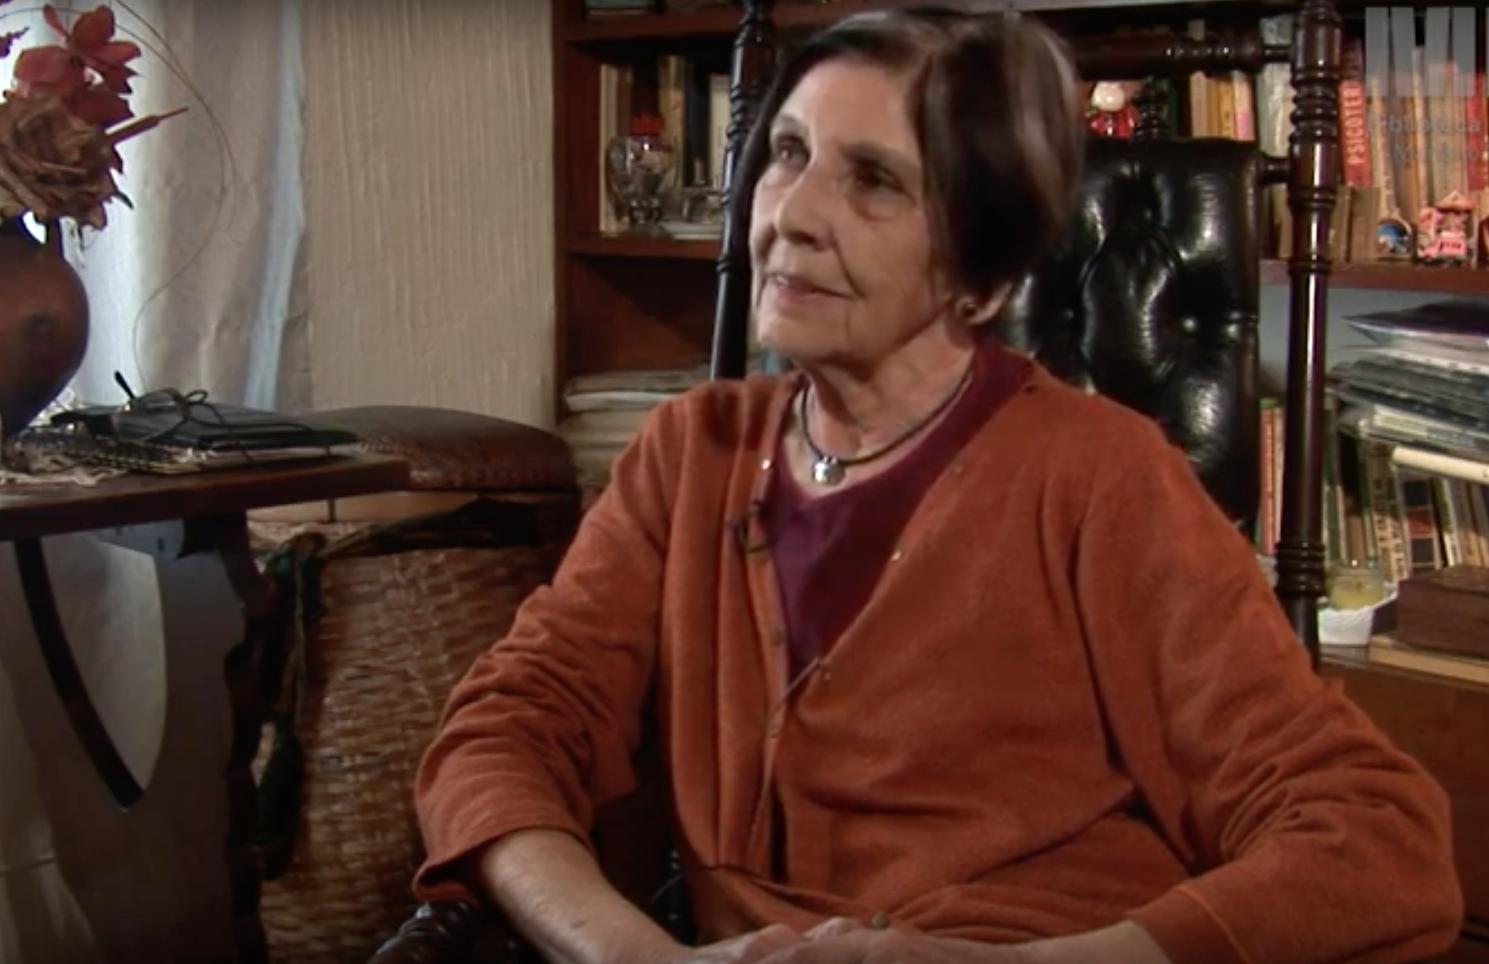 Marta García de Candeloro sobrevivió; su esposo, José Candeloro, está desaparecido (Archivo de la Biblioteca Nacional)